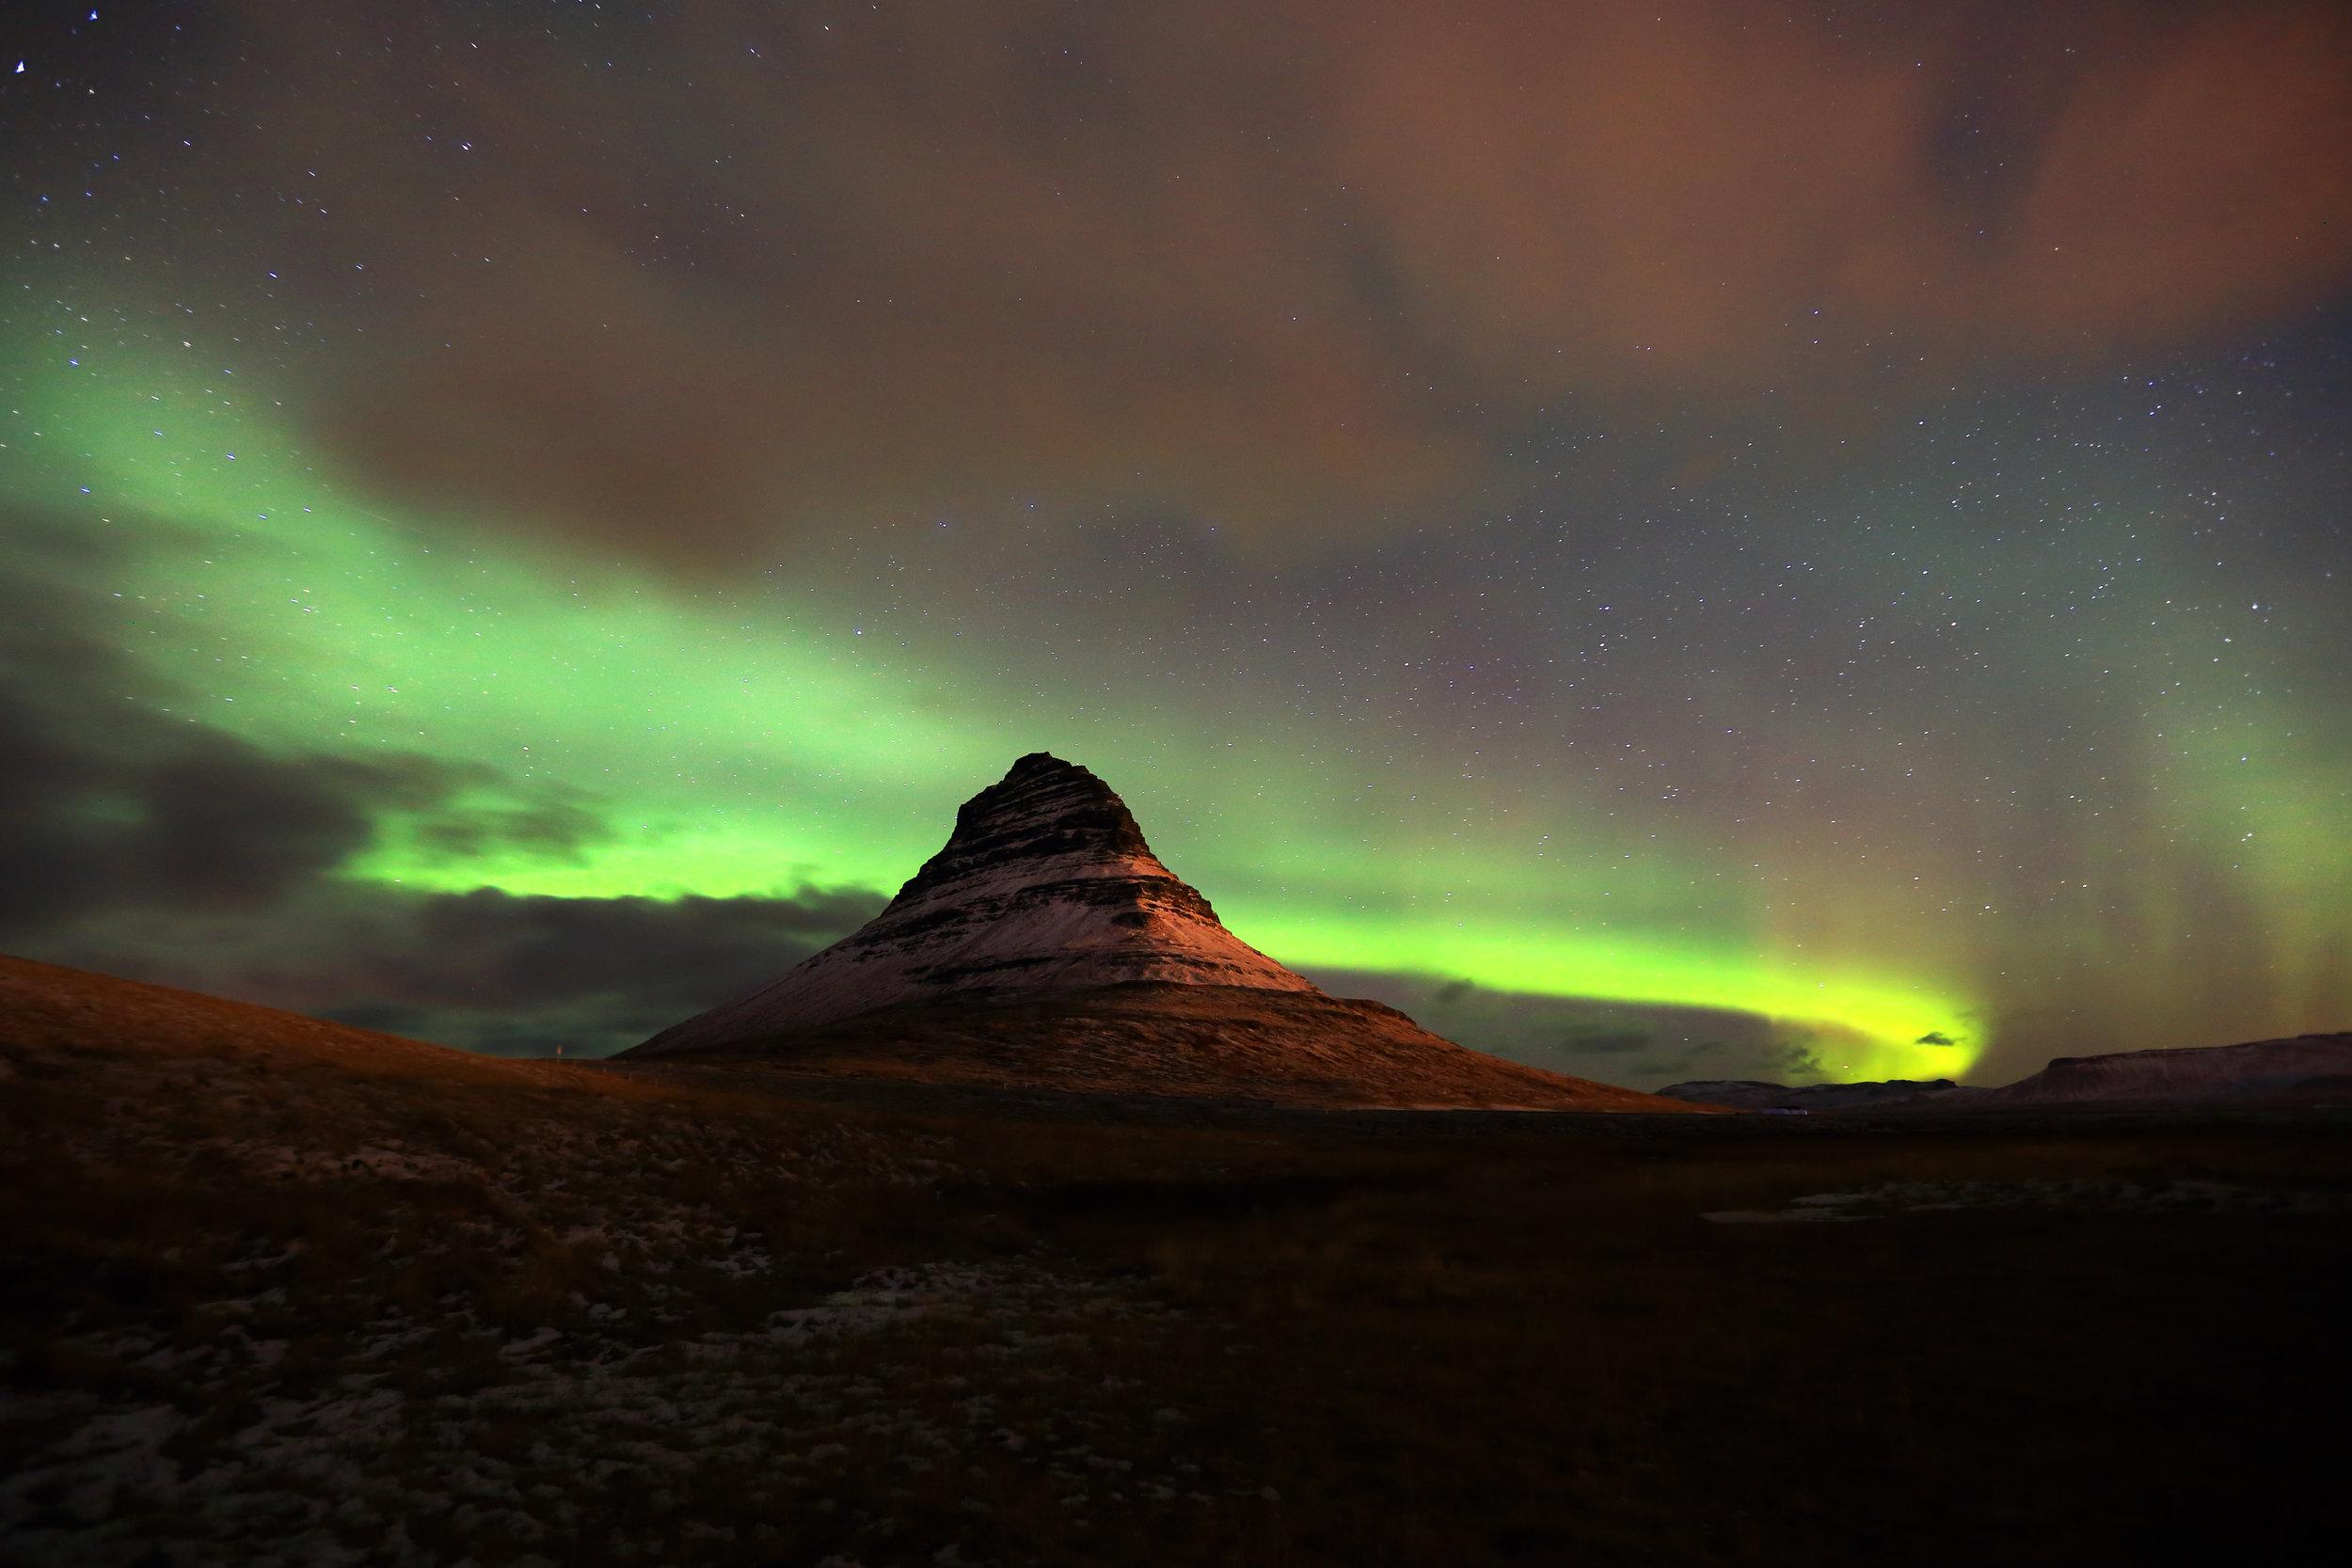 Aurora borealis dancing over Kirkjufell